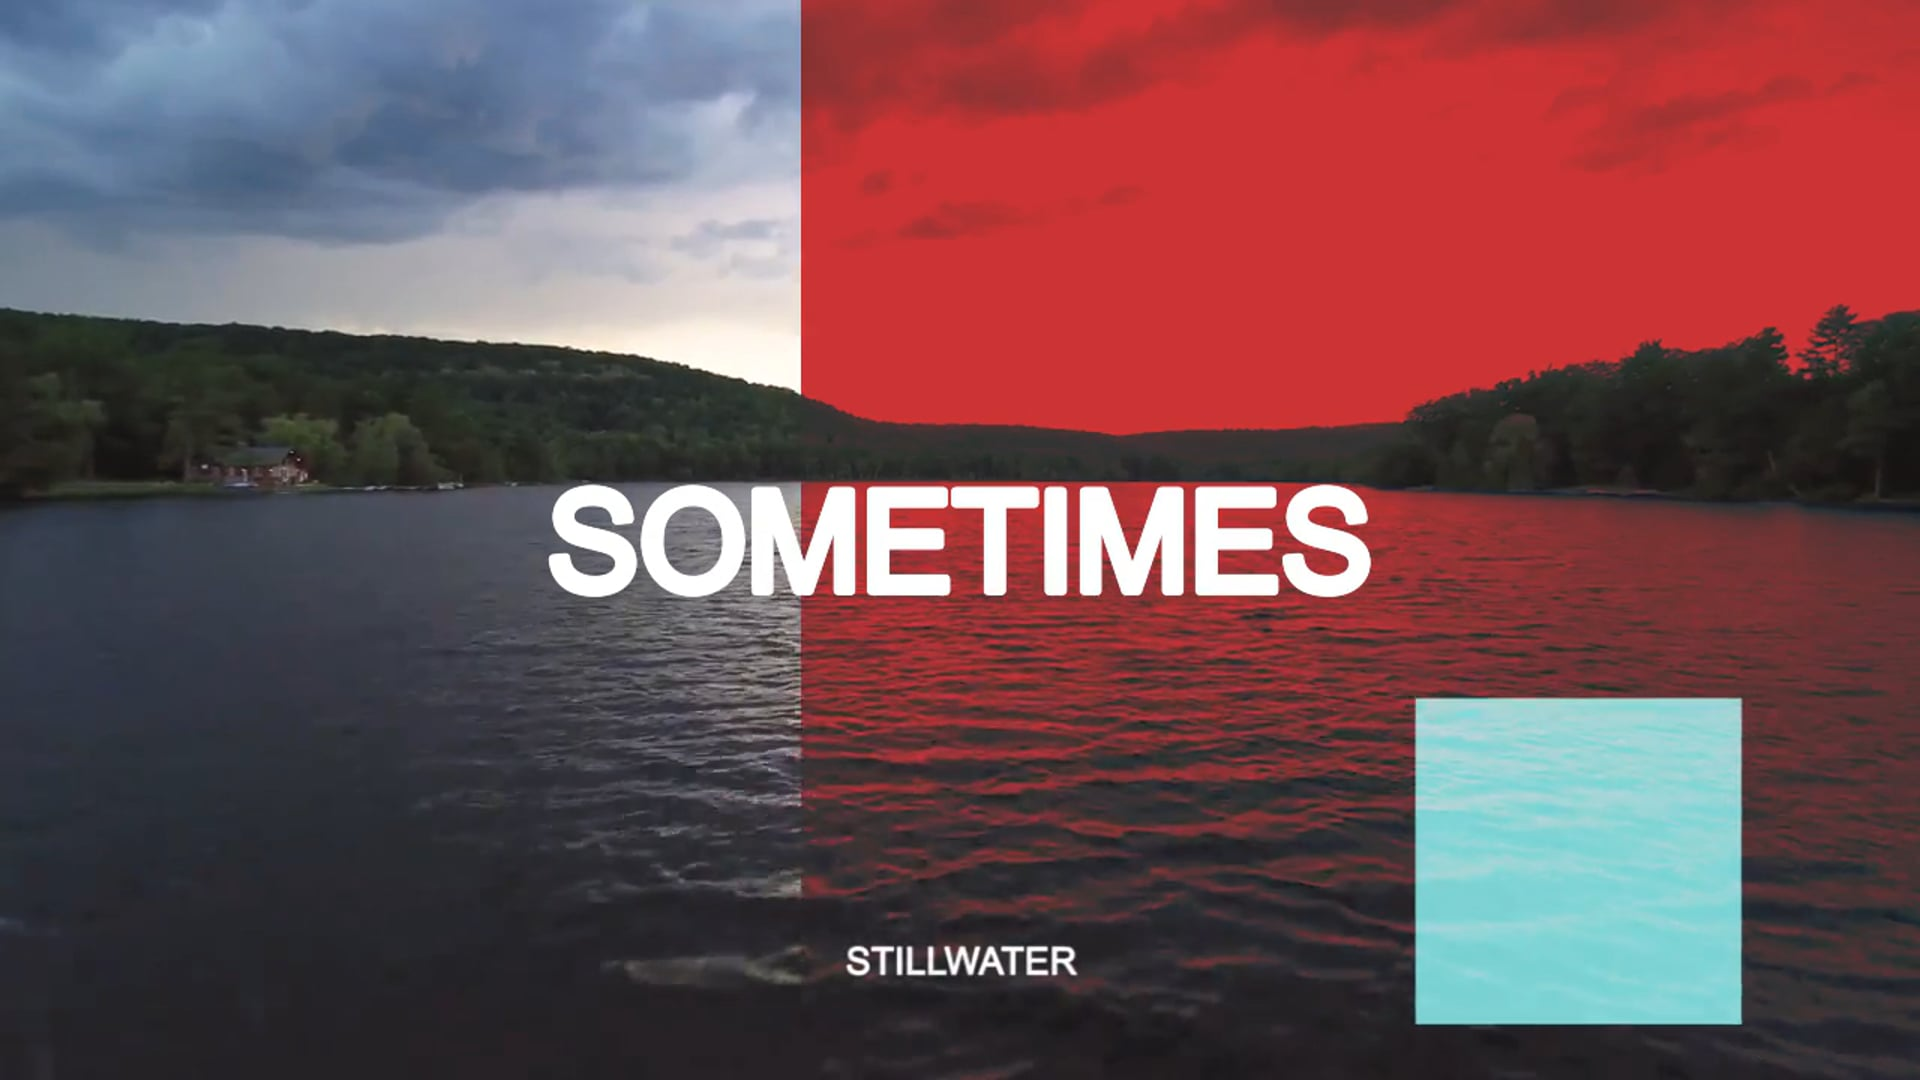 Sometimes - Stillwater